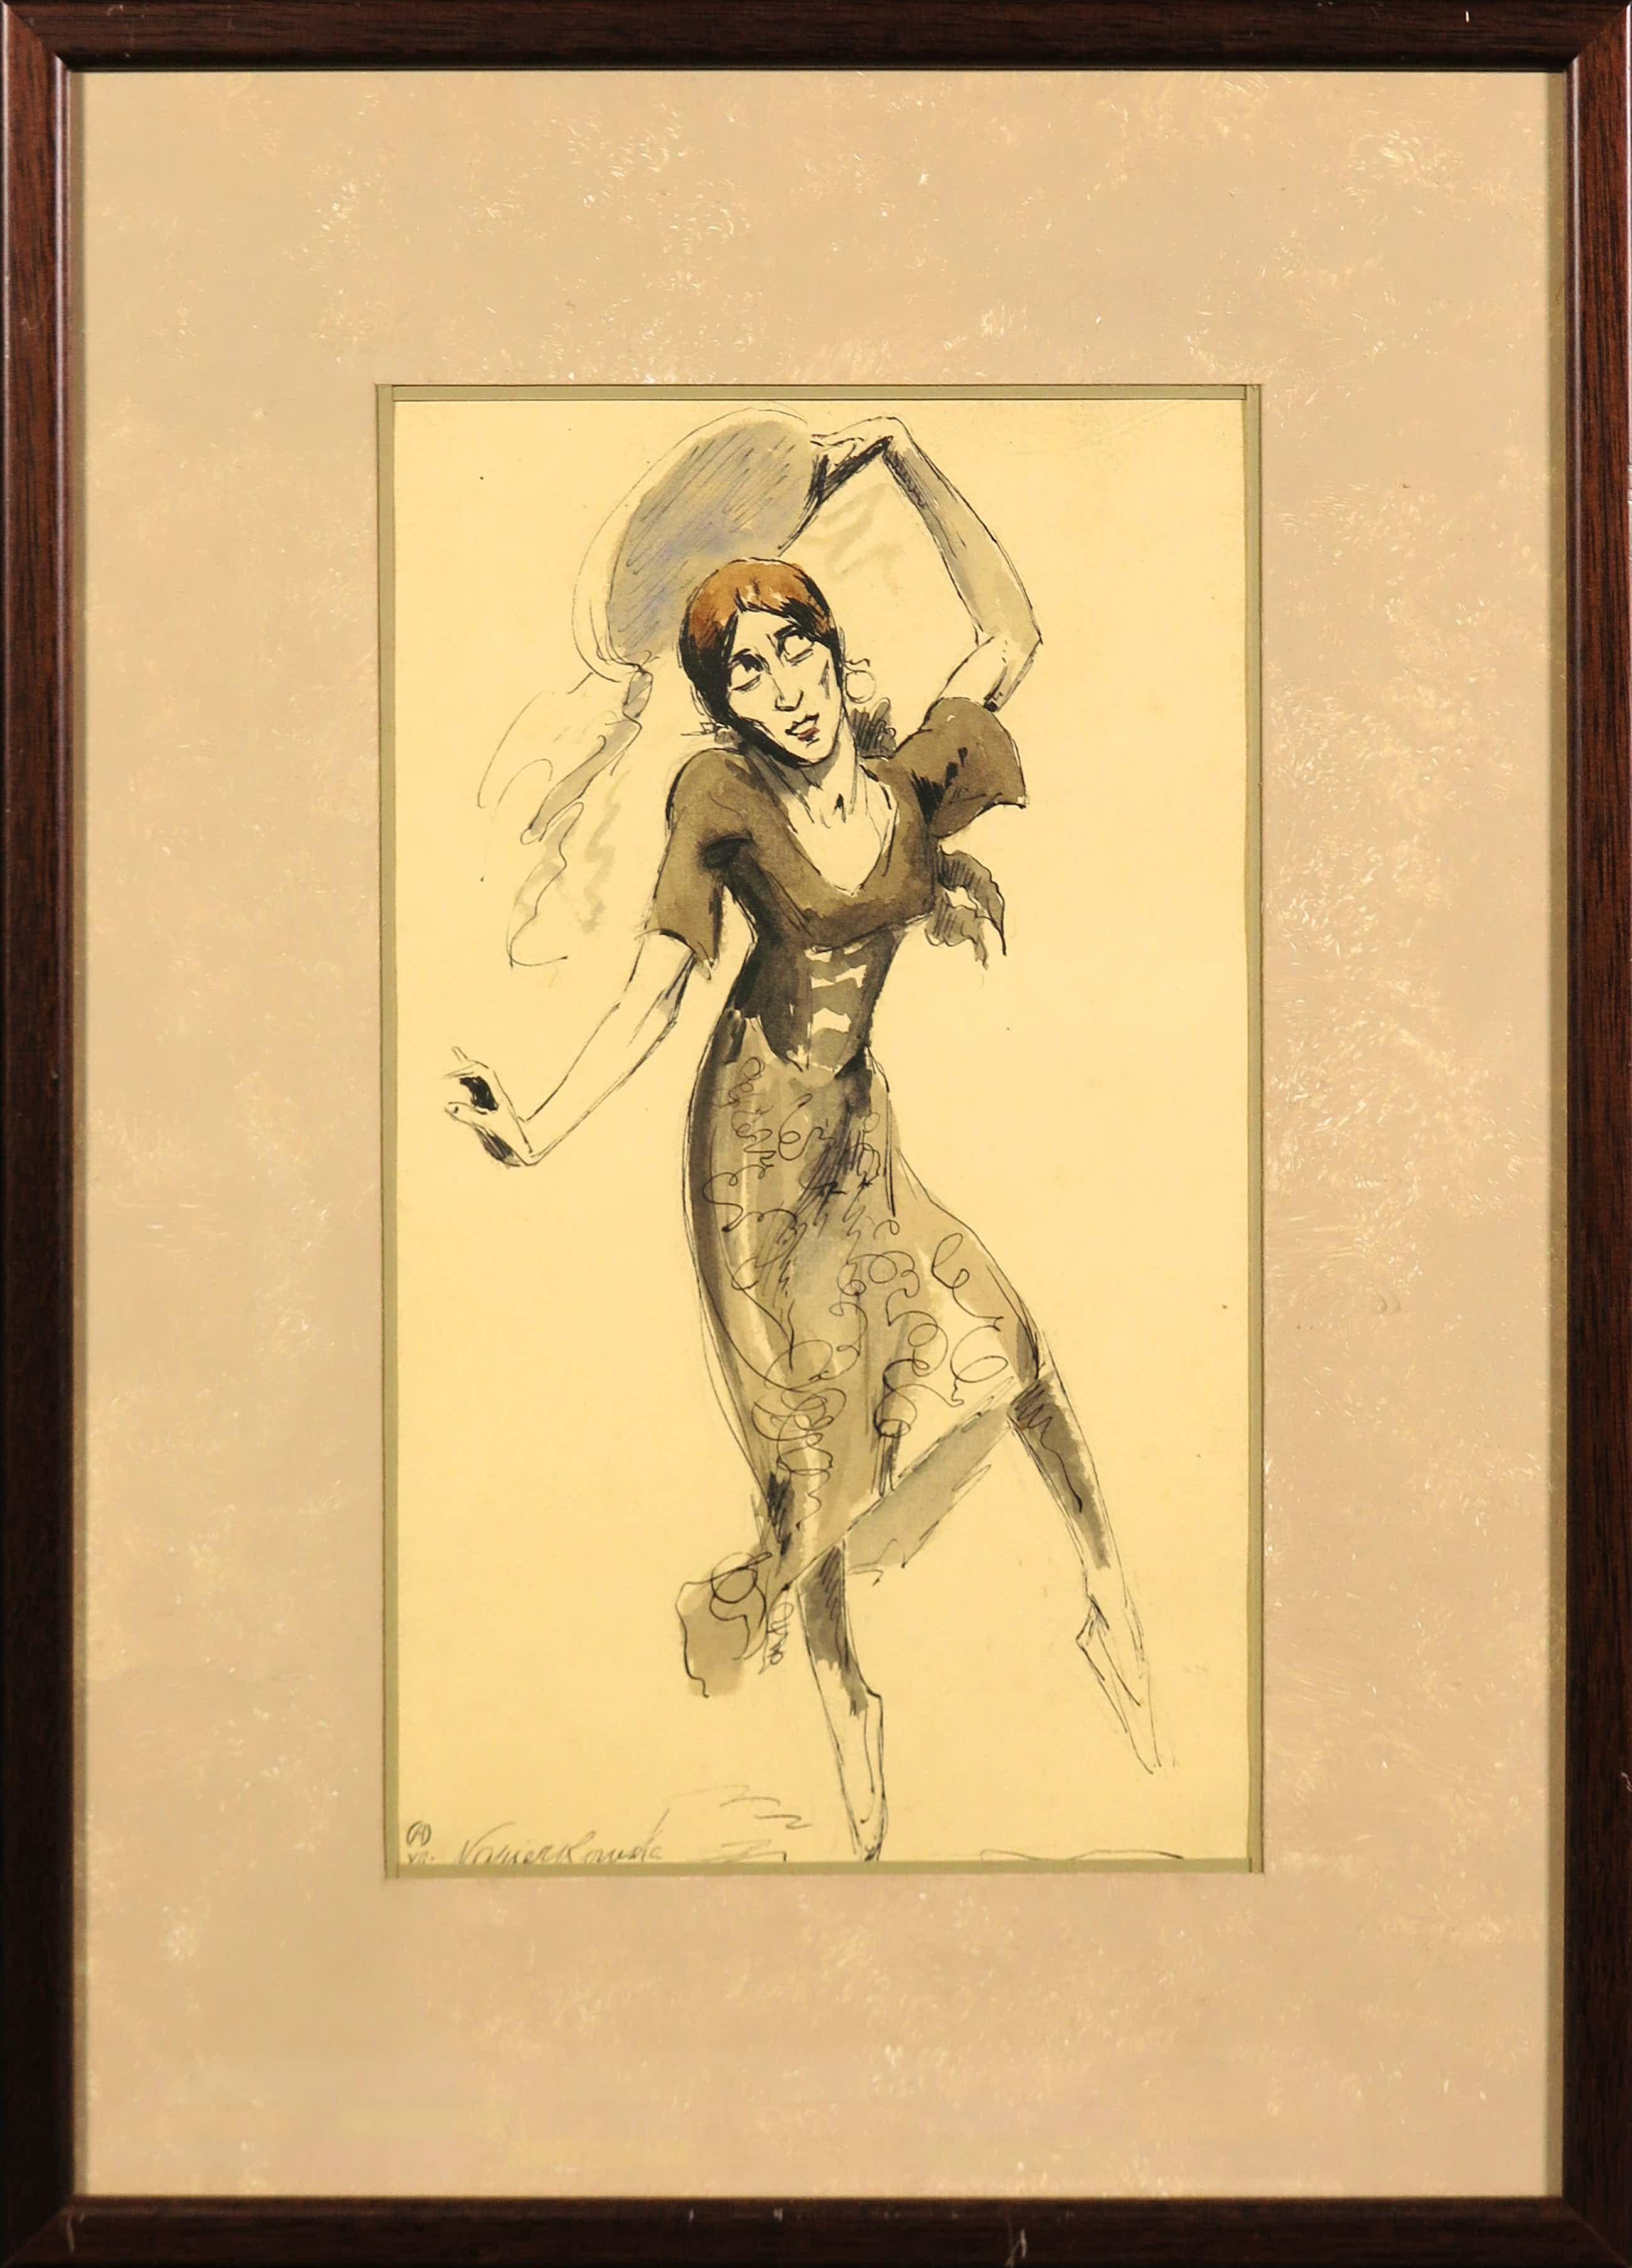 Alfred Ost - Inkt en aquarel, Stacia Napierkowska als Esmeralda kopen? Bied vanaf 150!